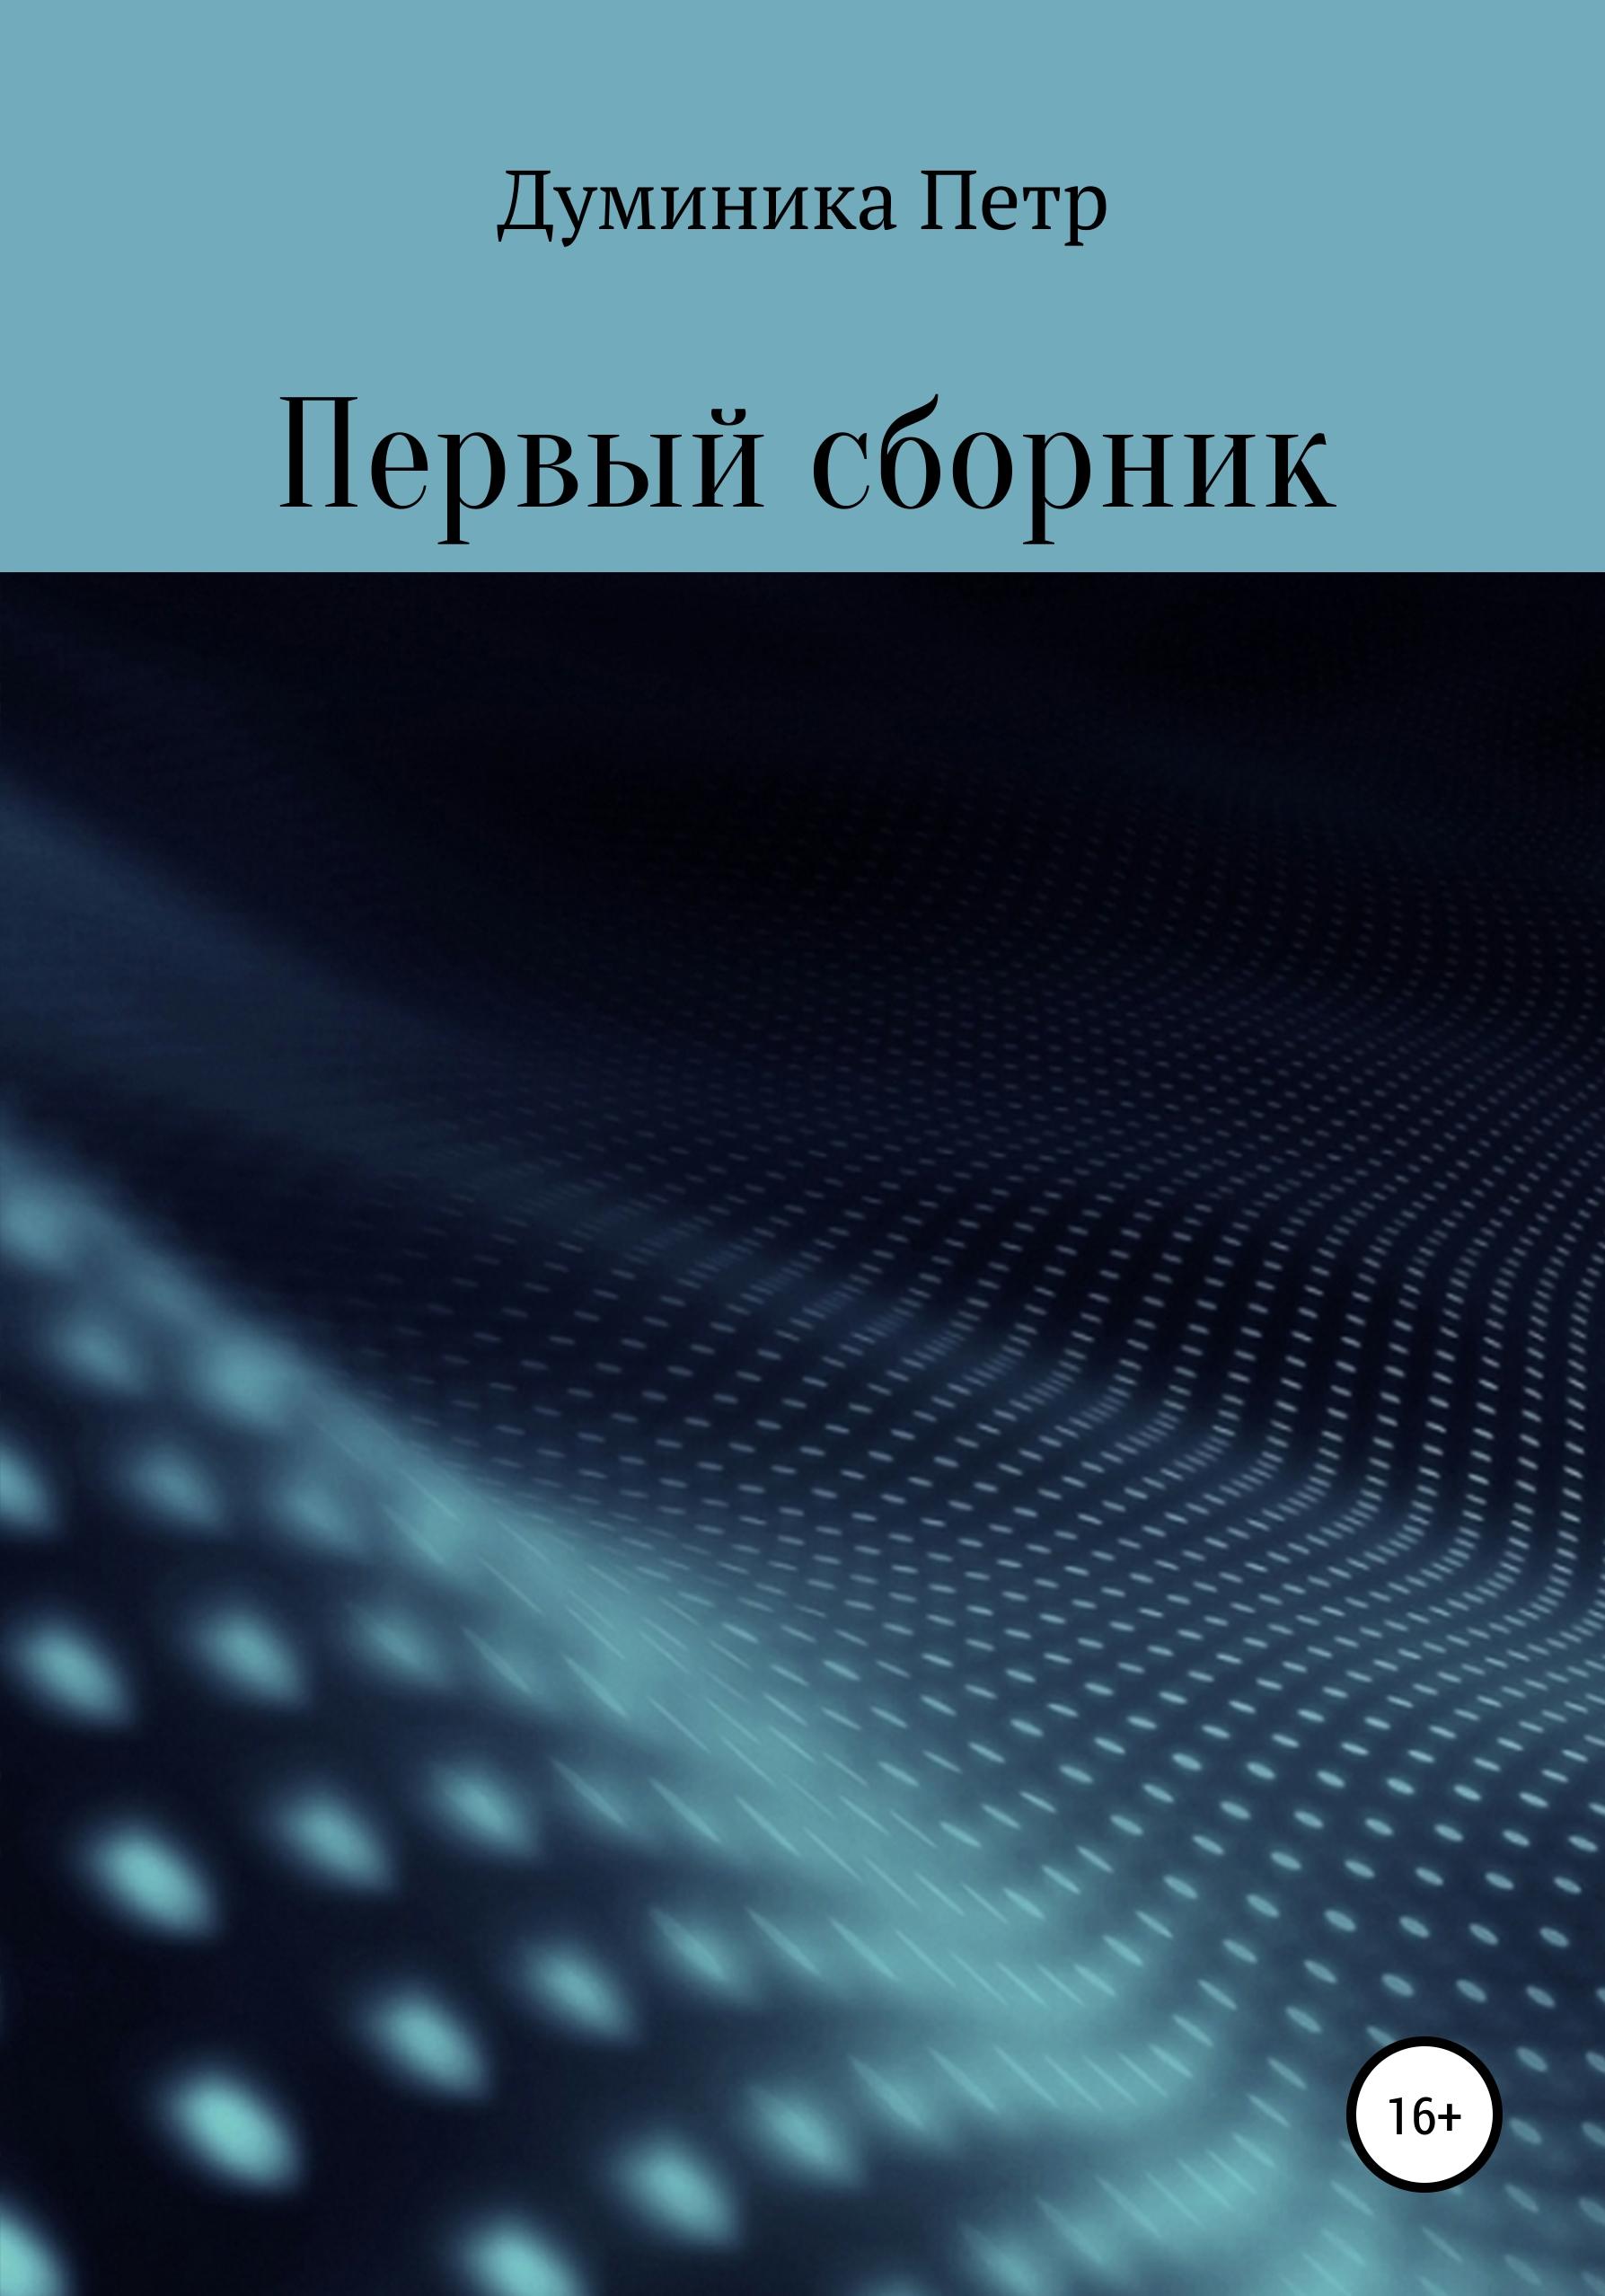 Петр Думиника Первый сборник александр дергунов ты первый сборник рассказов